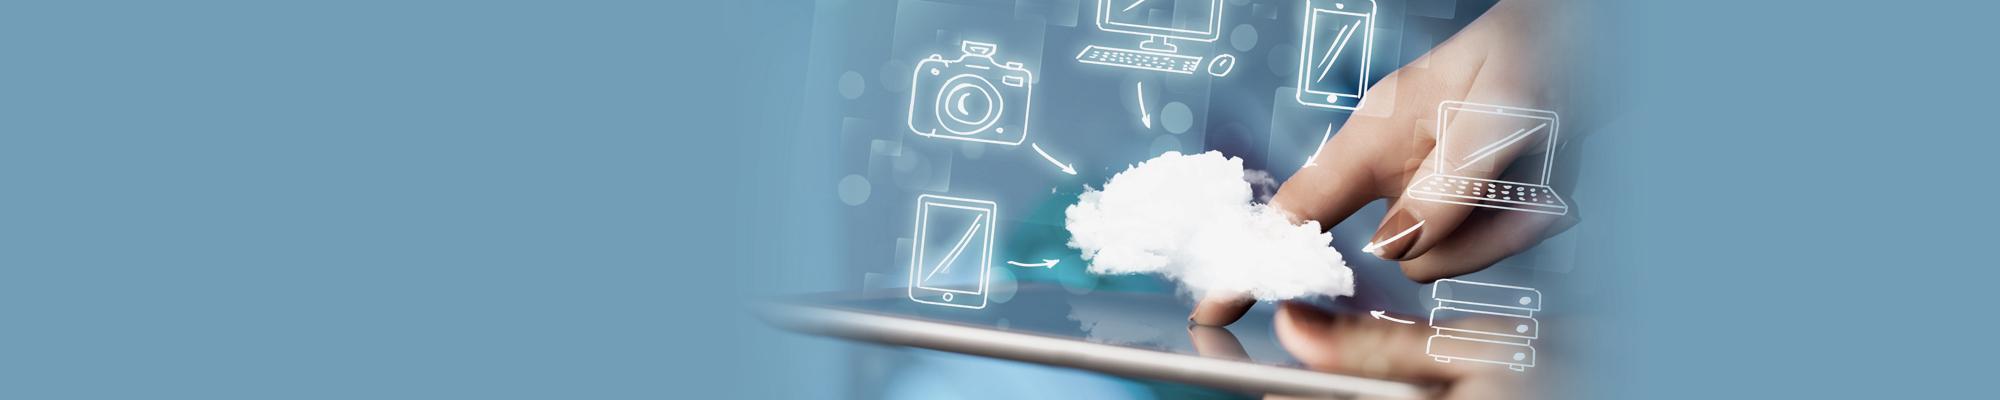 cloud22